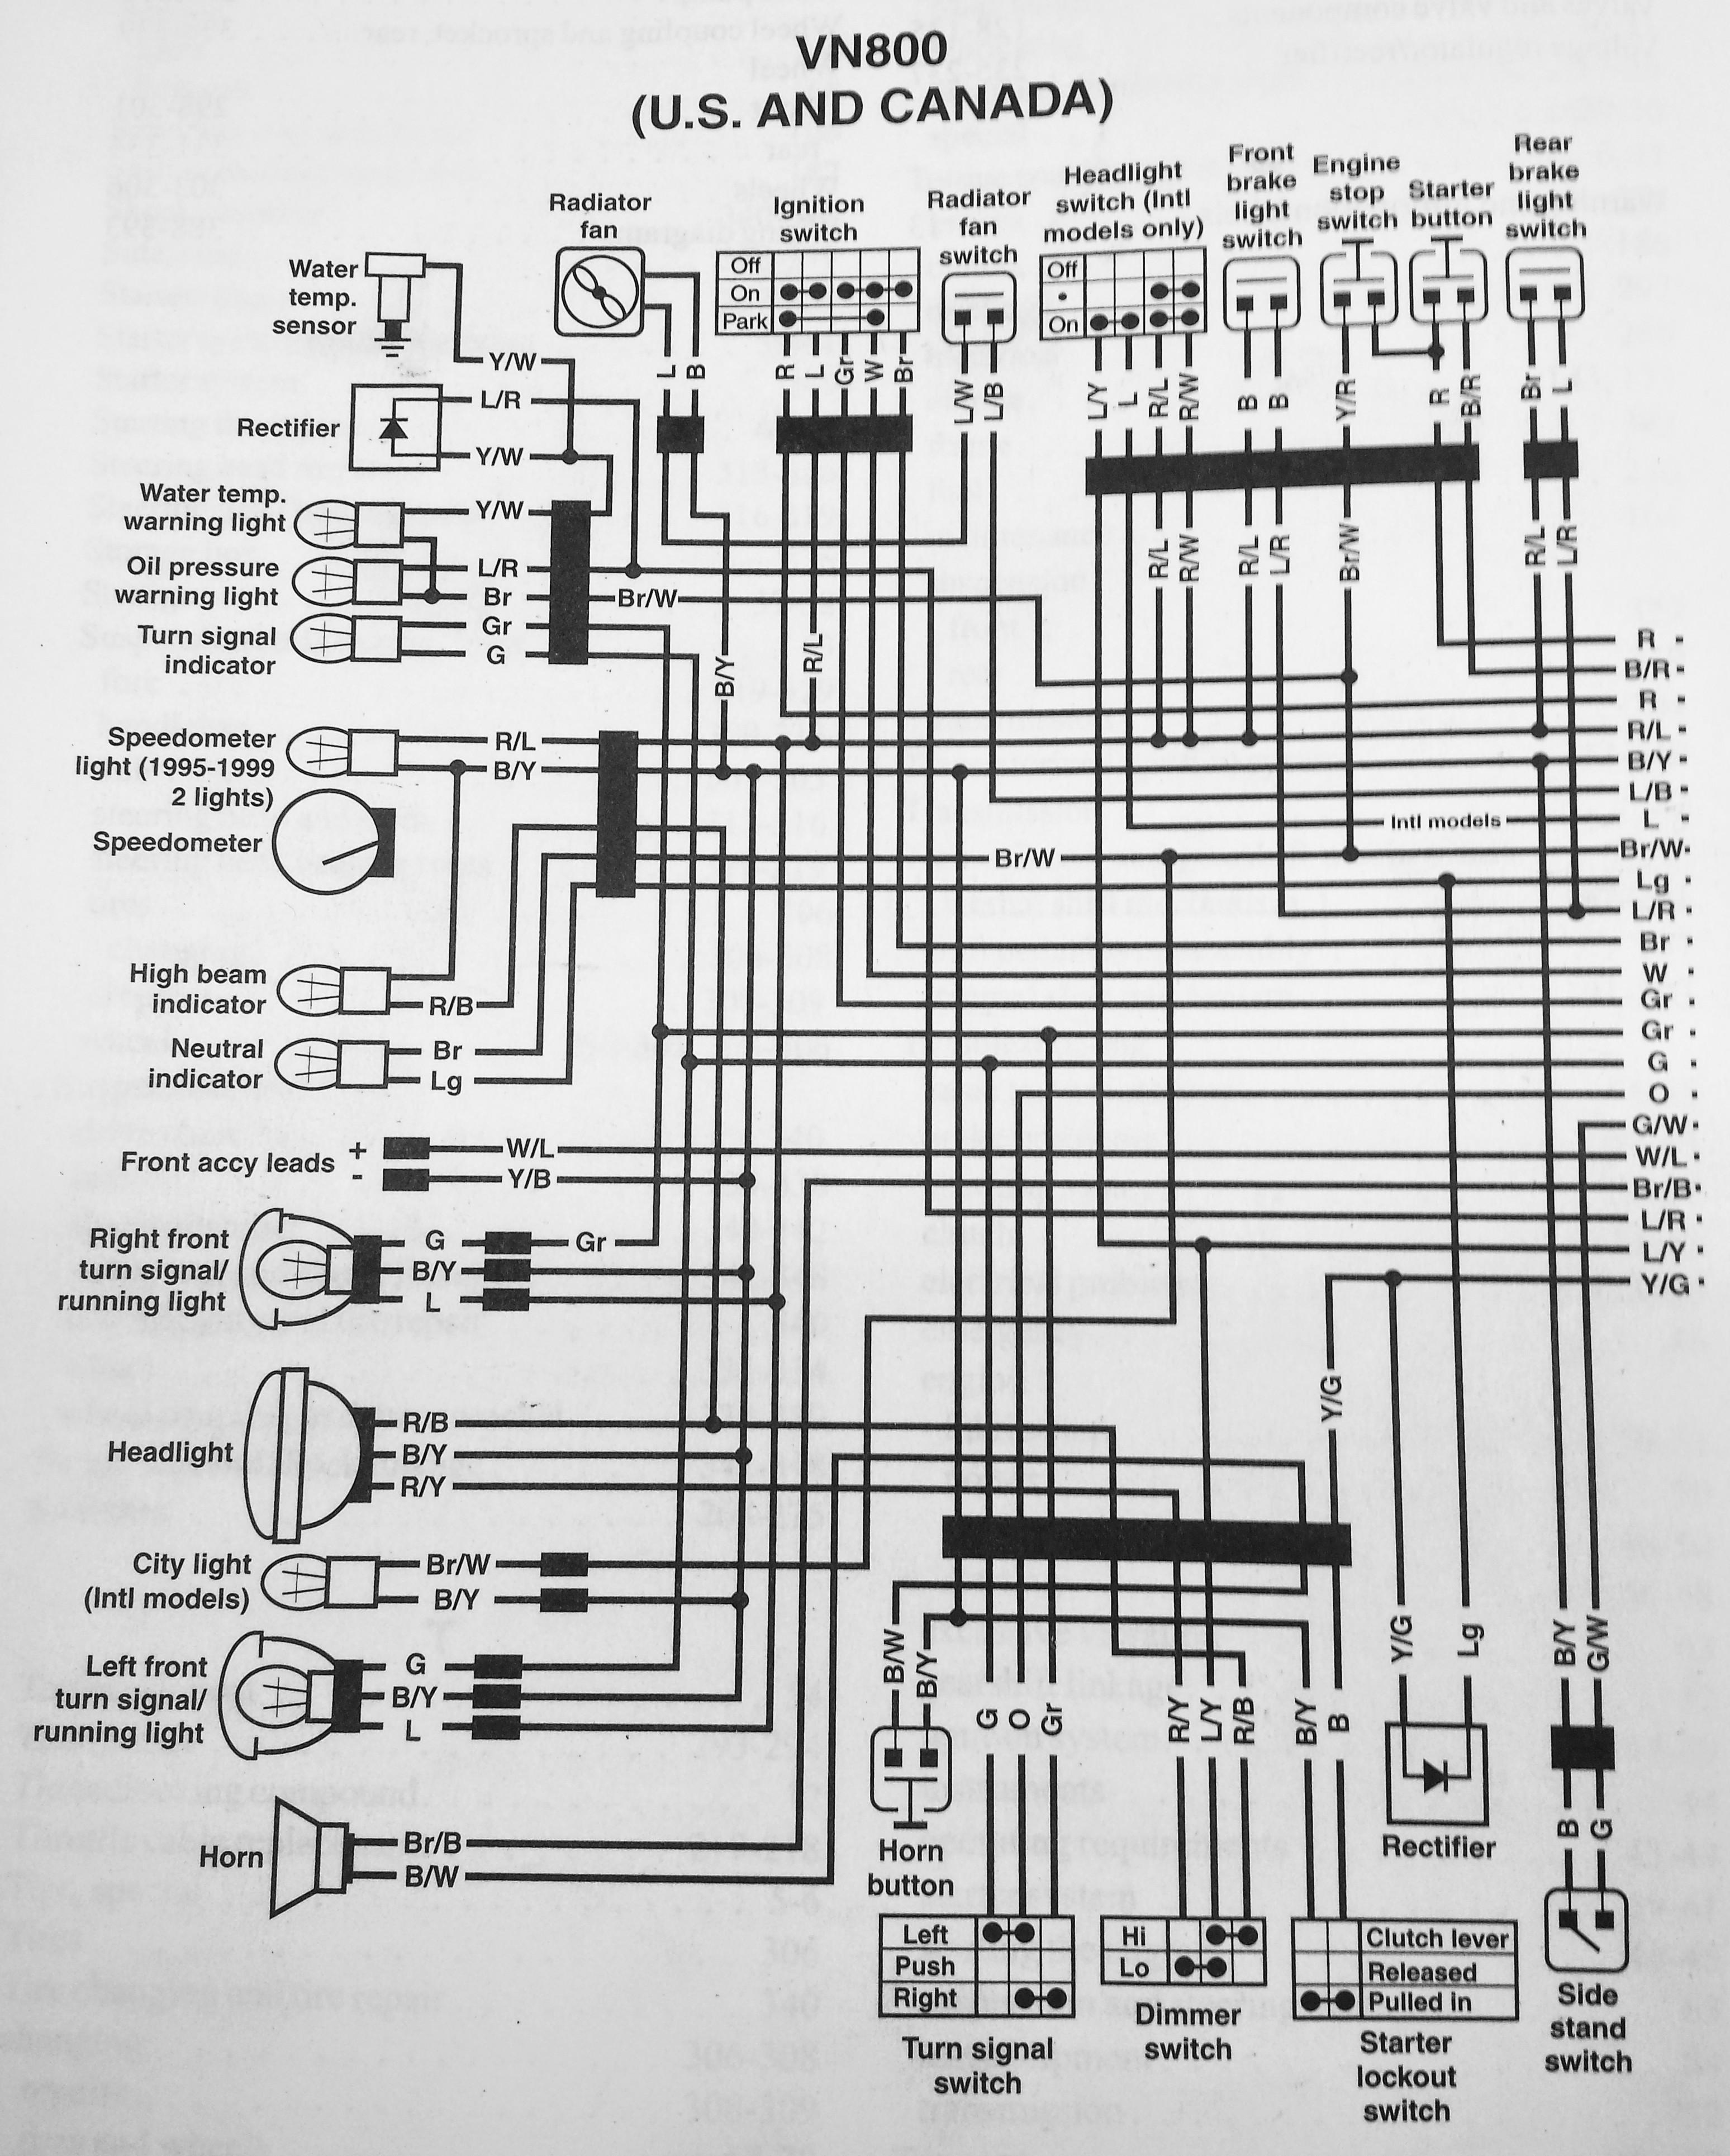 Kawasaki Vn800 Wiring Diagram